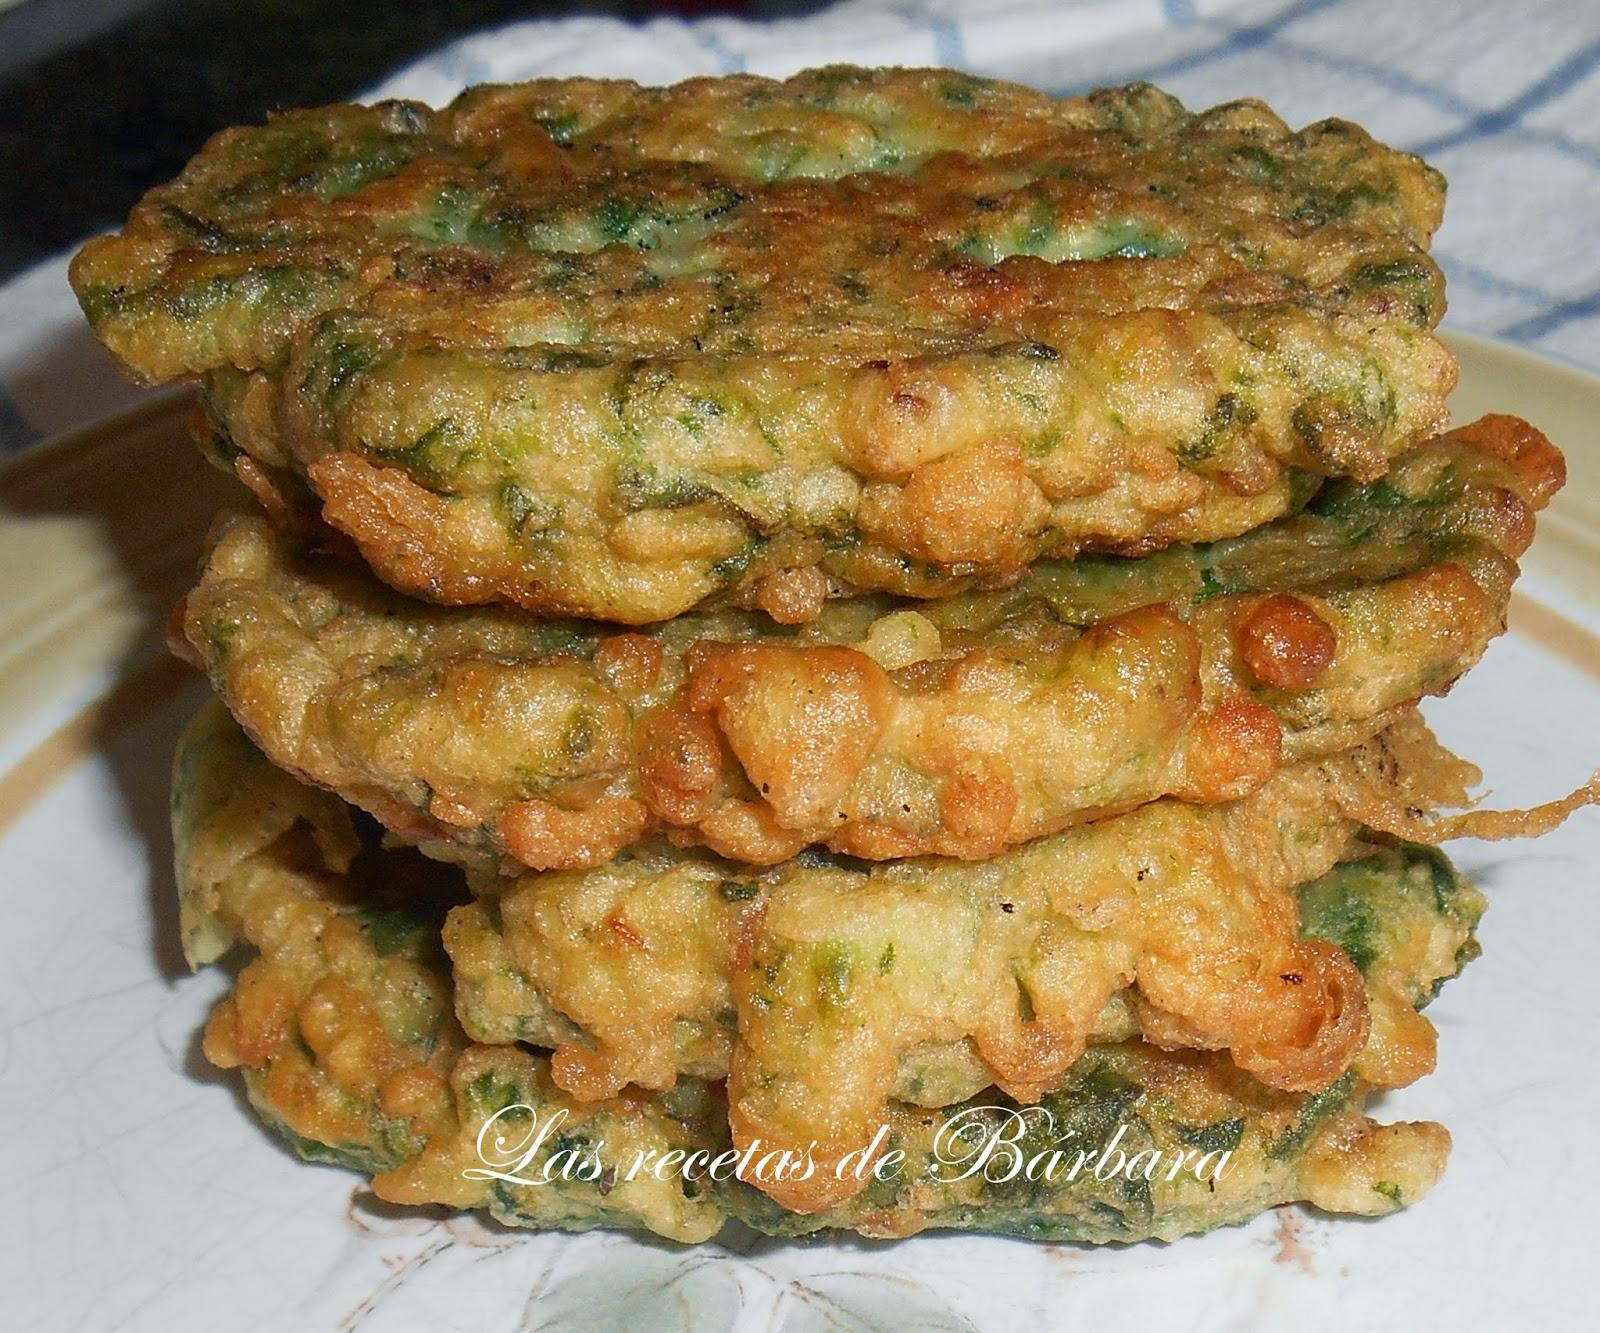 Las recetas de barbara tortitas de acelgas for Cocinar acelgas